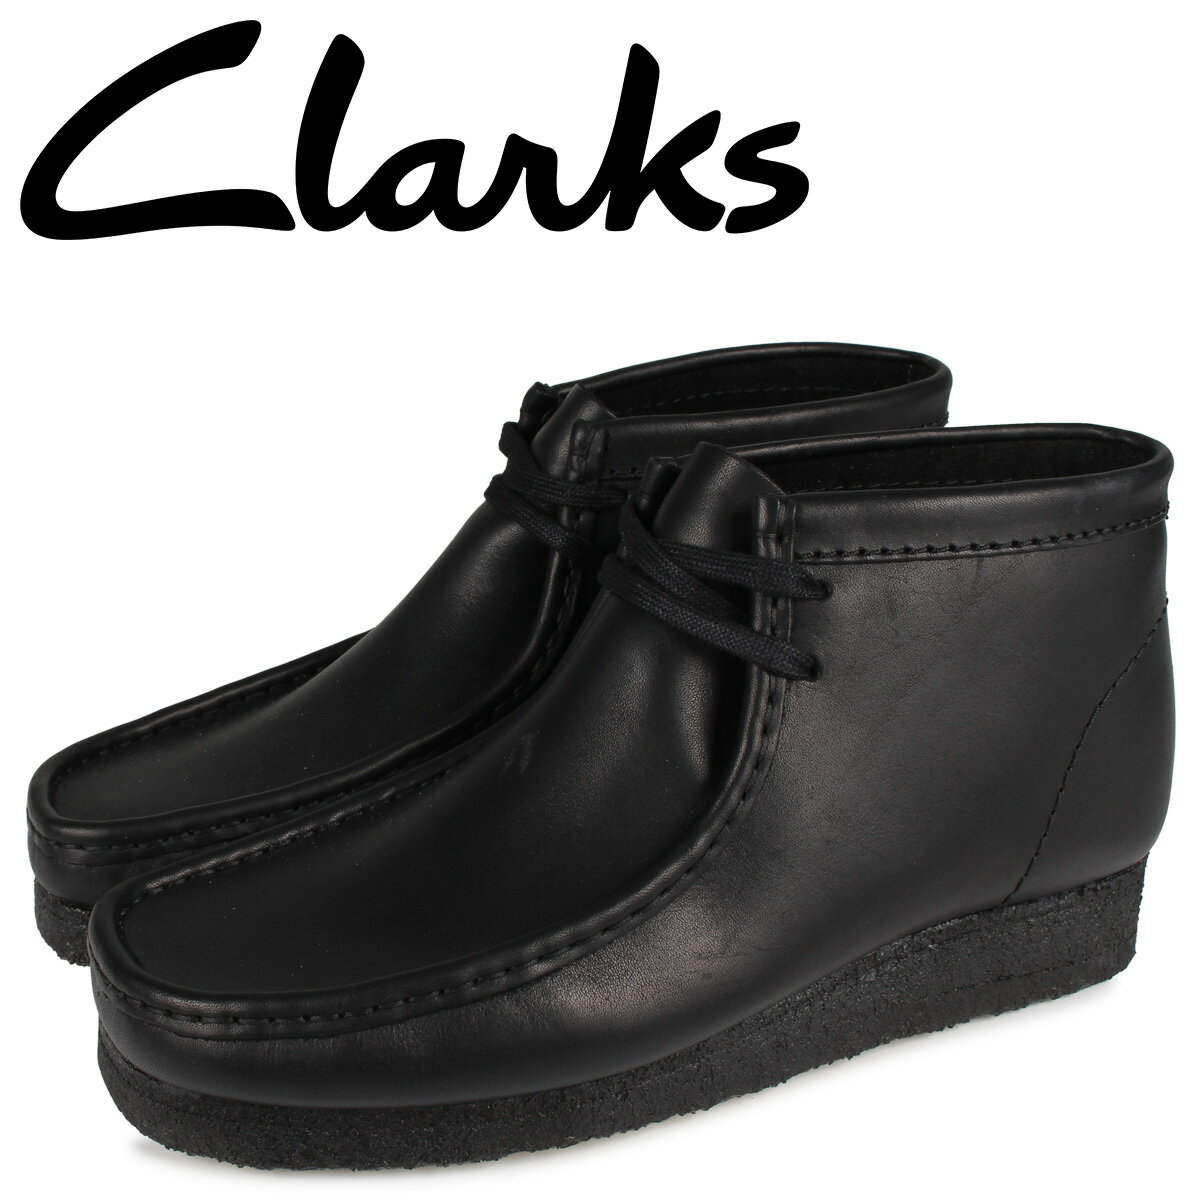 クラークス CLARKS ワラビーブーツ メンズ WALLABEE BOOT ブラック 黒 26155512 [10月 新入荷]